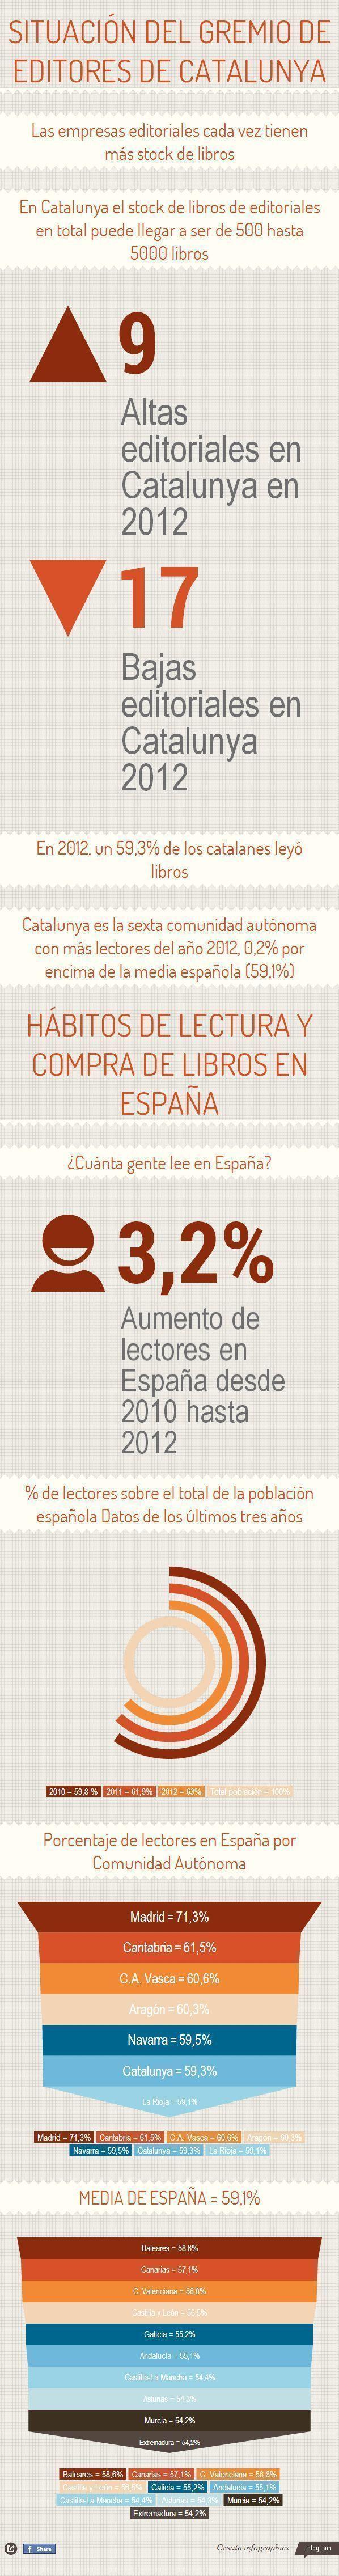 Hábitos de lectura y compra de libros en España